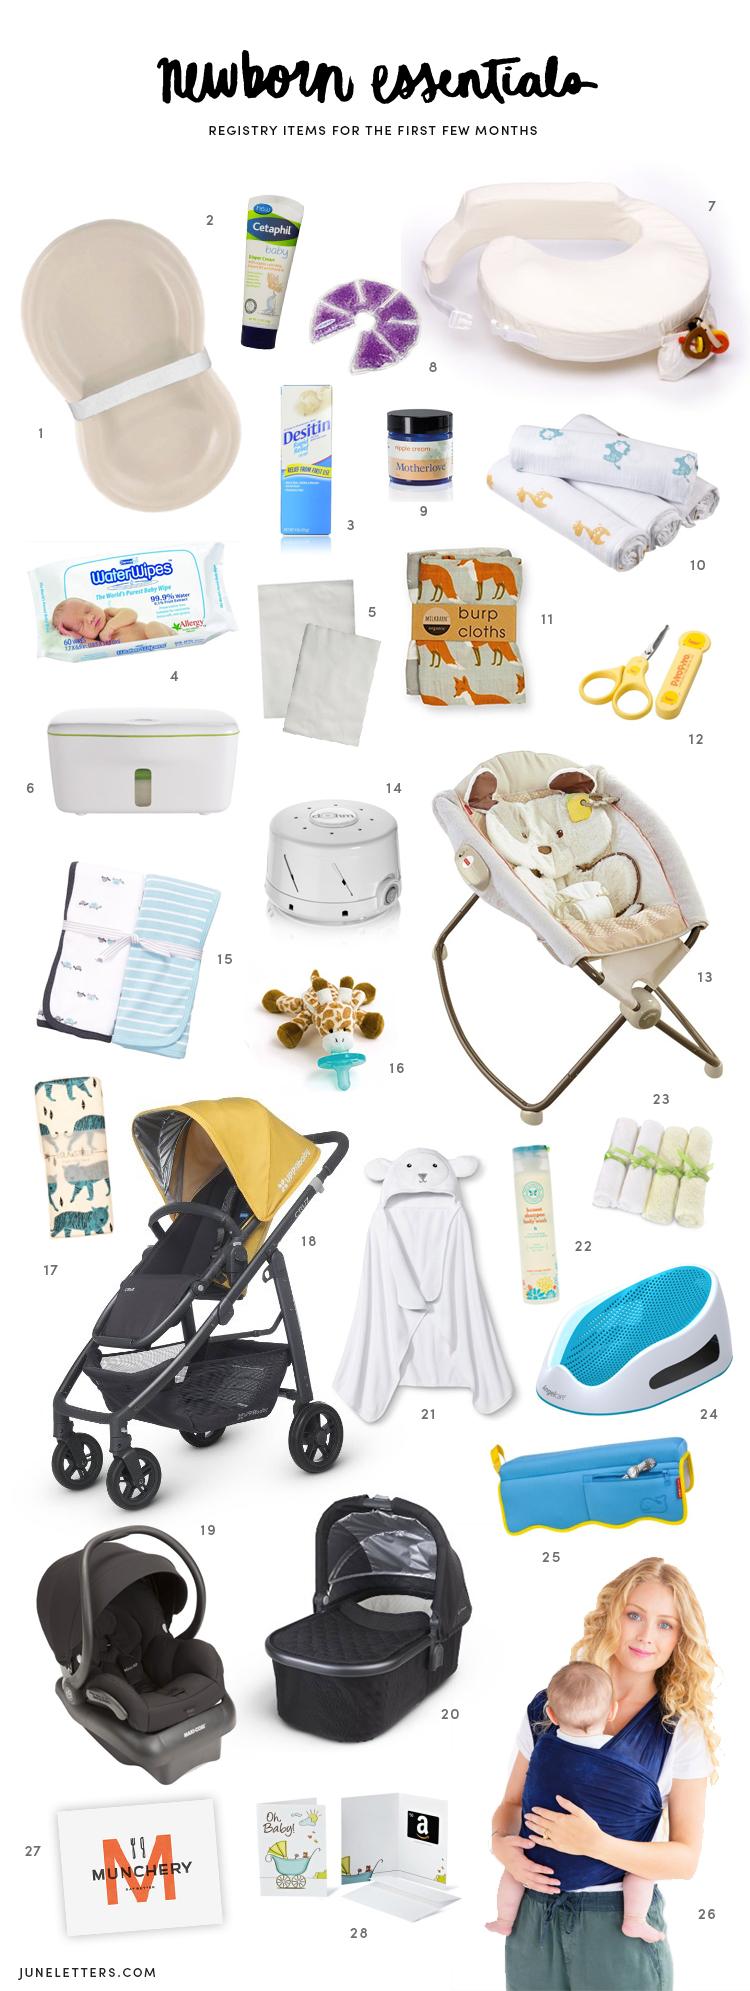 Newborn Essentials Registry